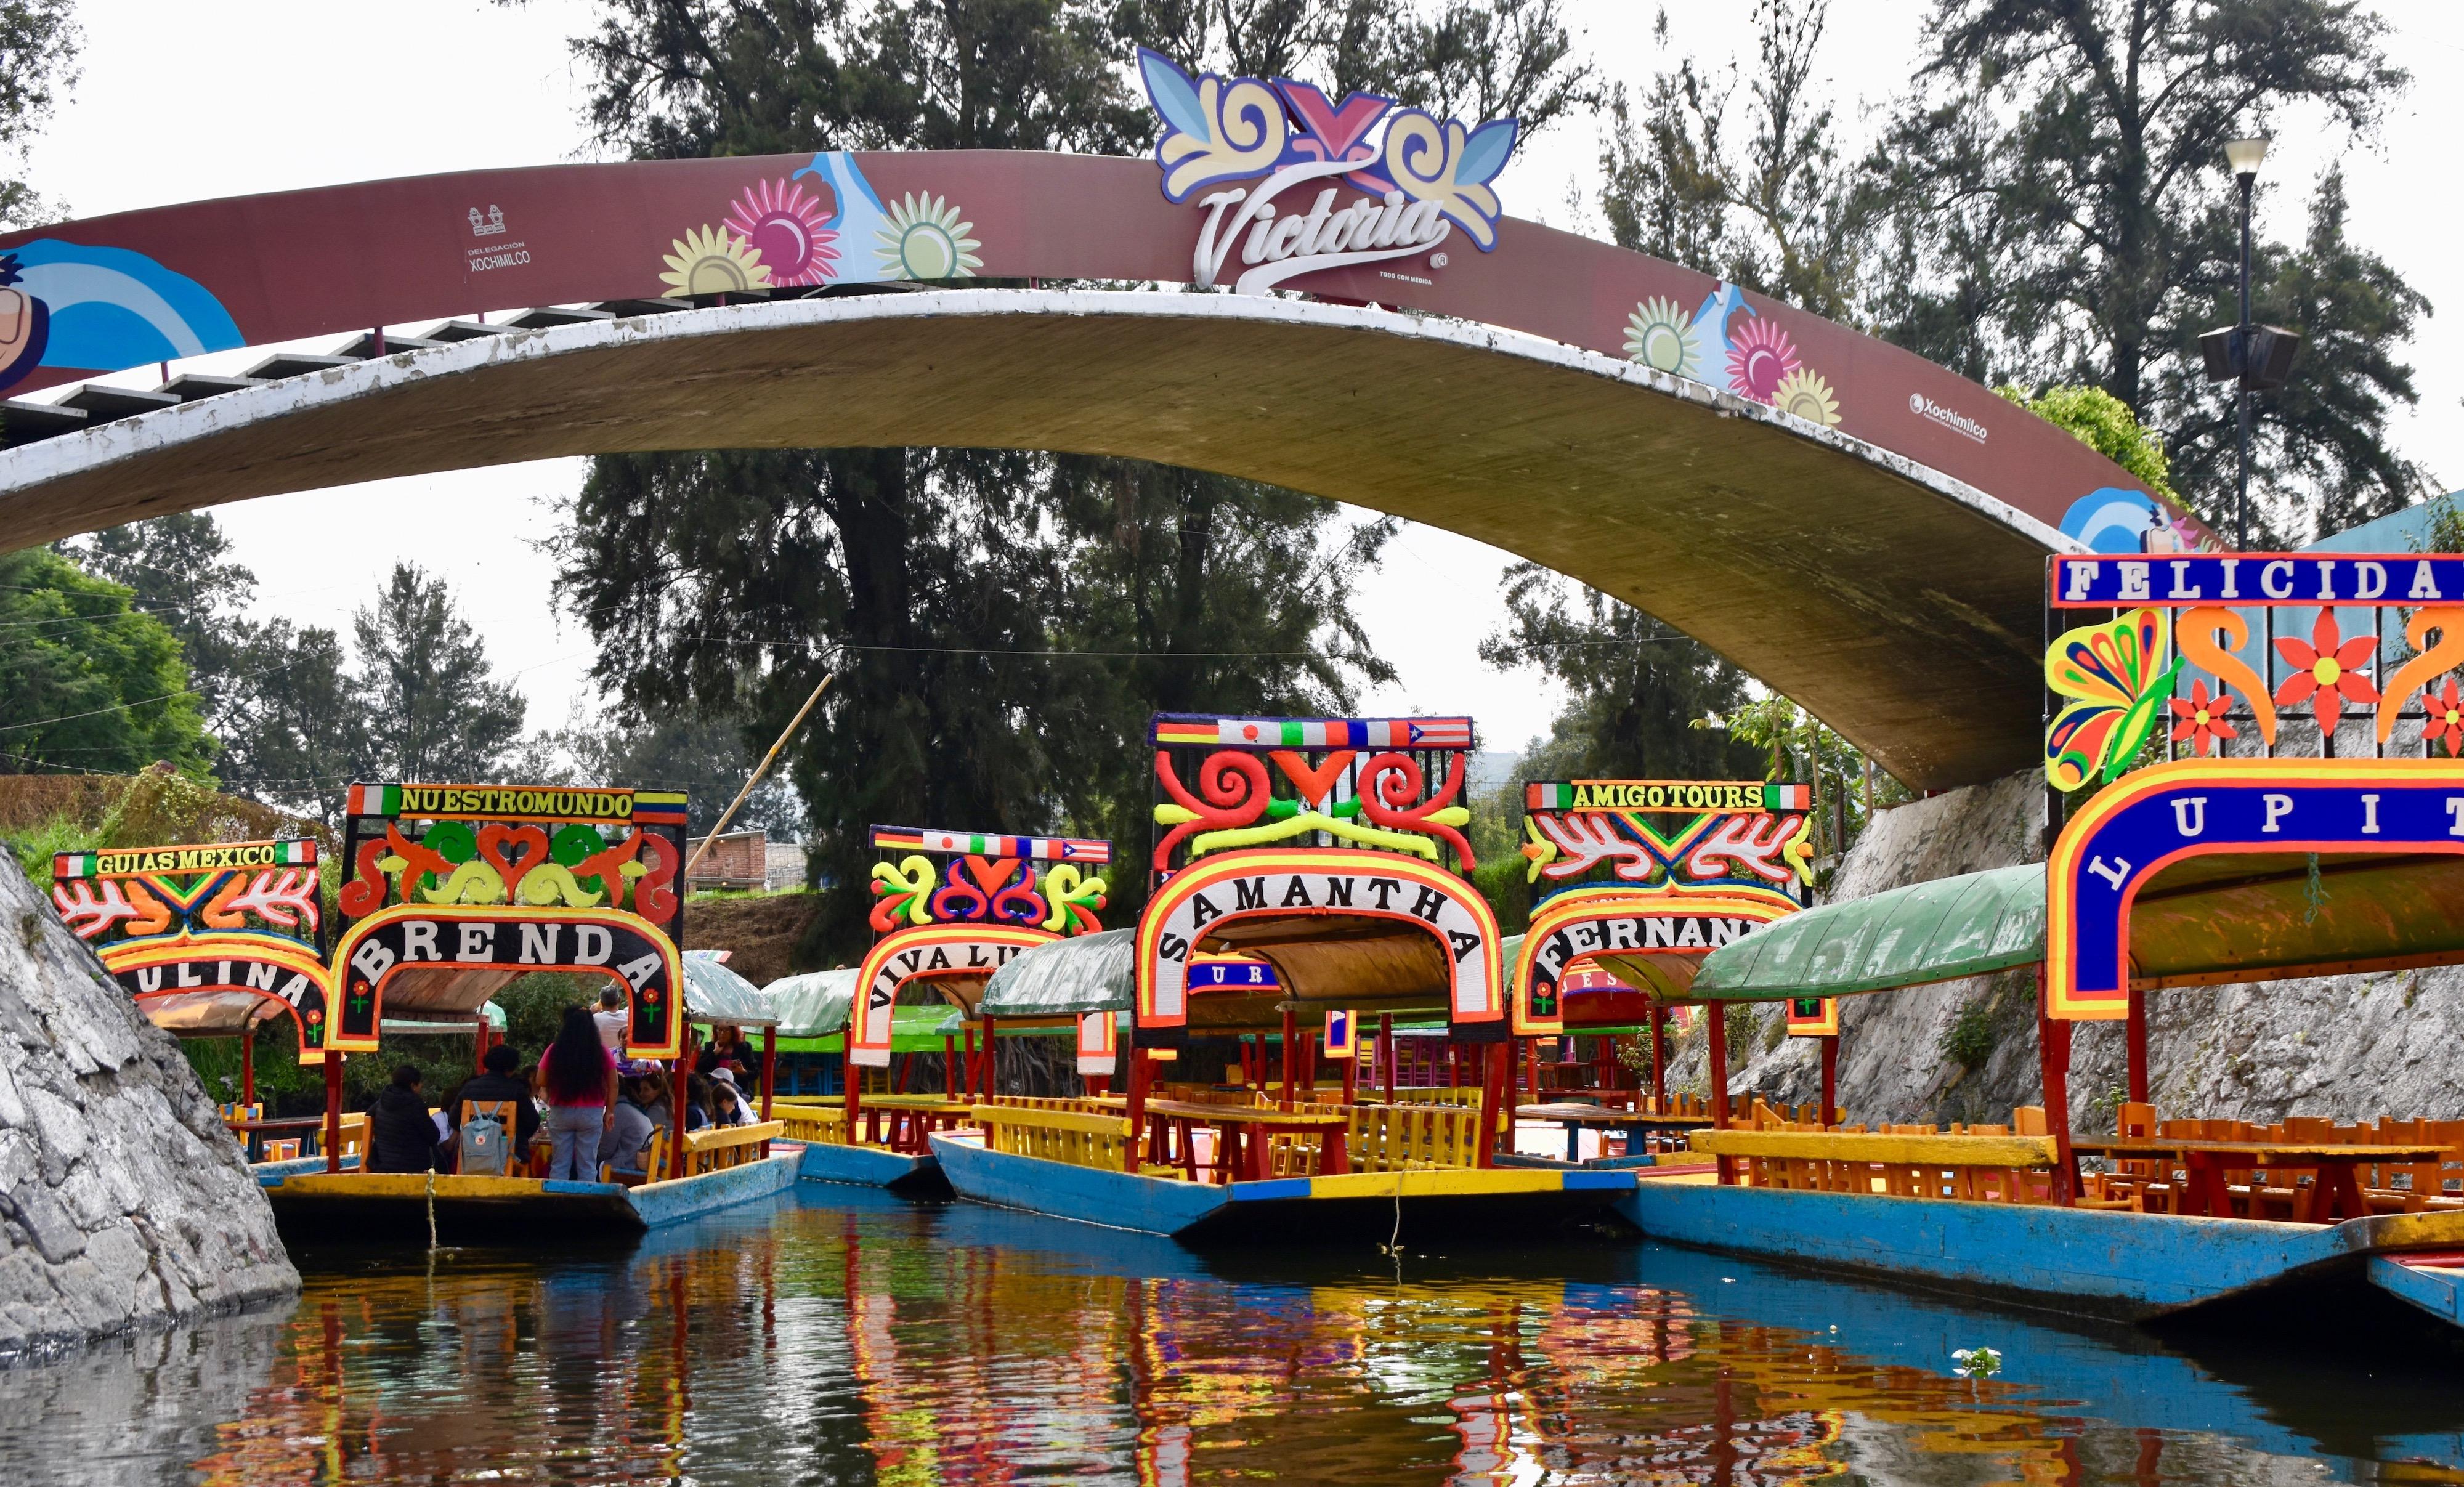 Victoria Bridge, Xochimilco